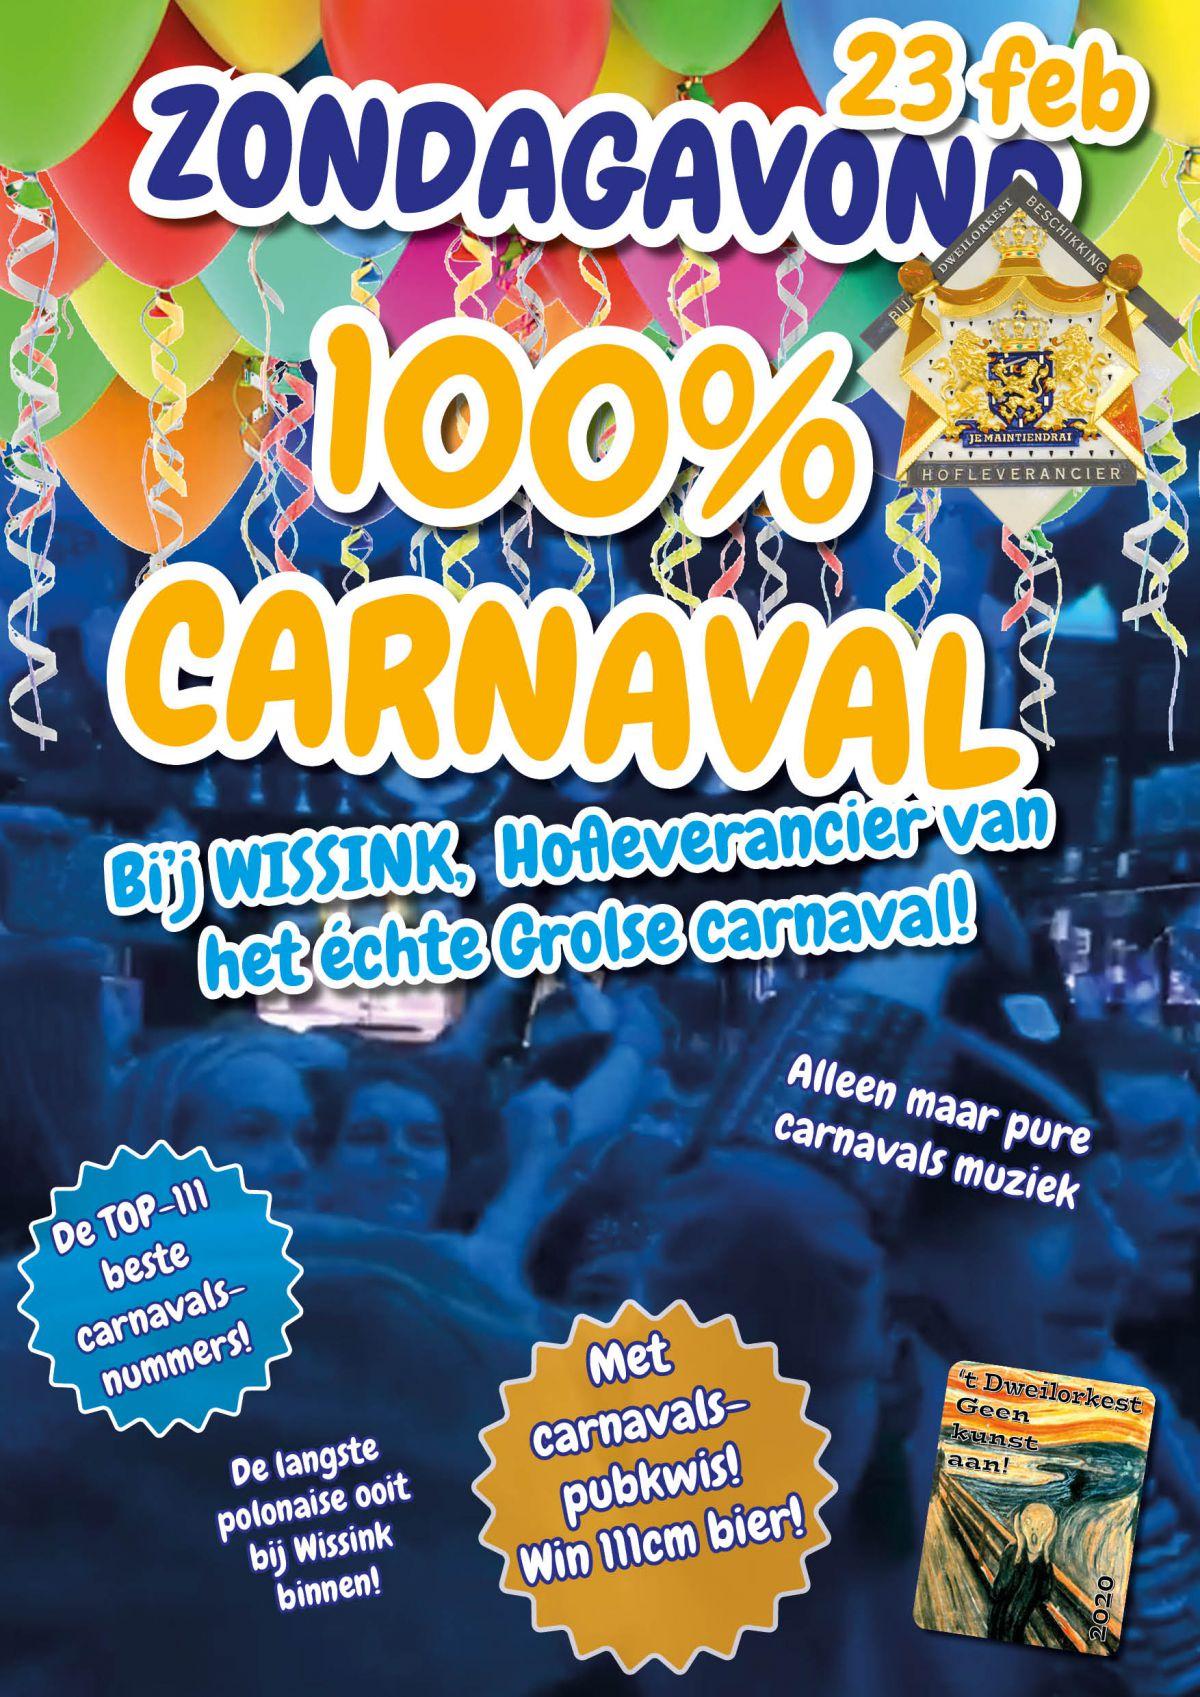 Carnavalsavond bij Wissink